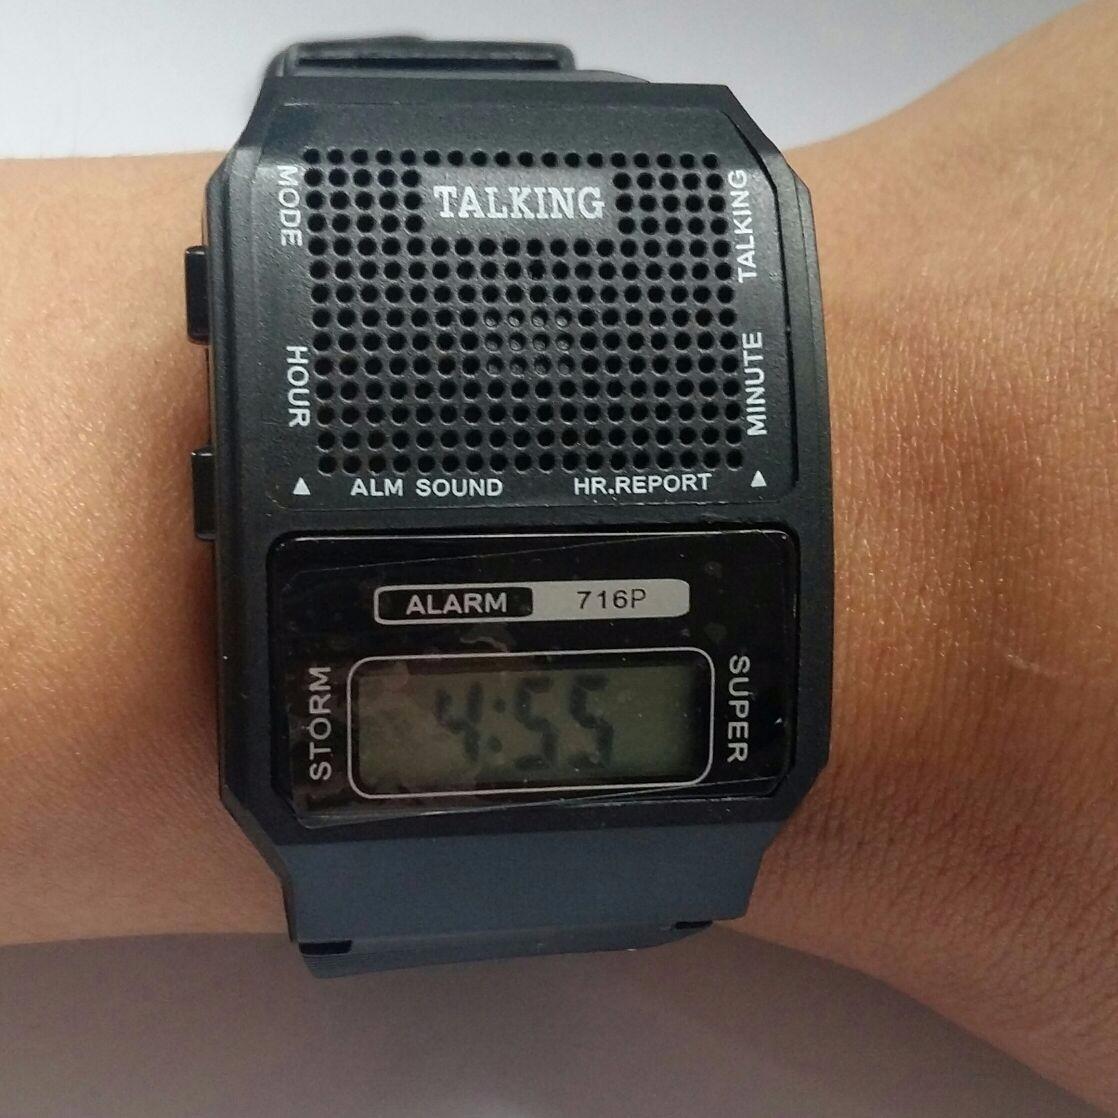 e2fd3b7b0bf relógio fala hora ideal para idoso ou deficiente visual. Carregando zoom.